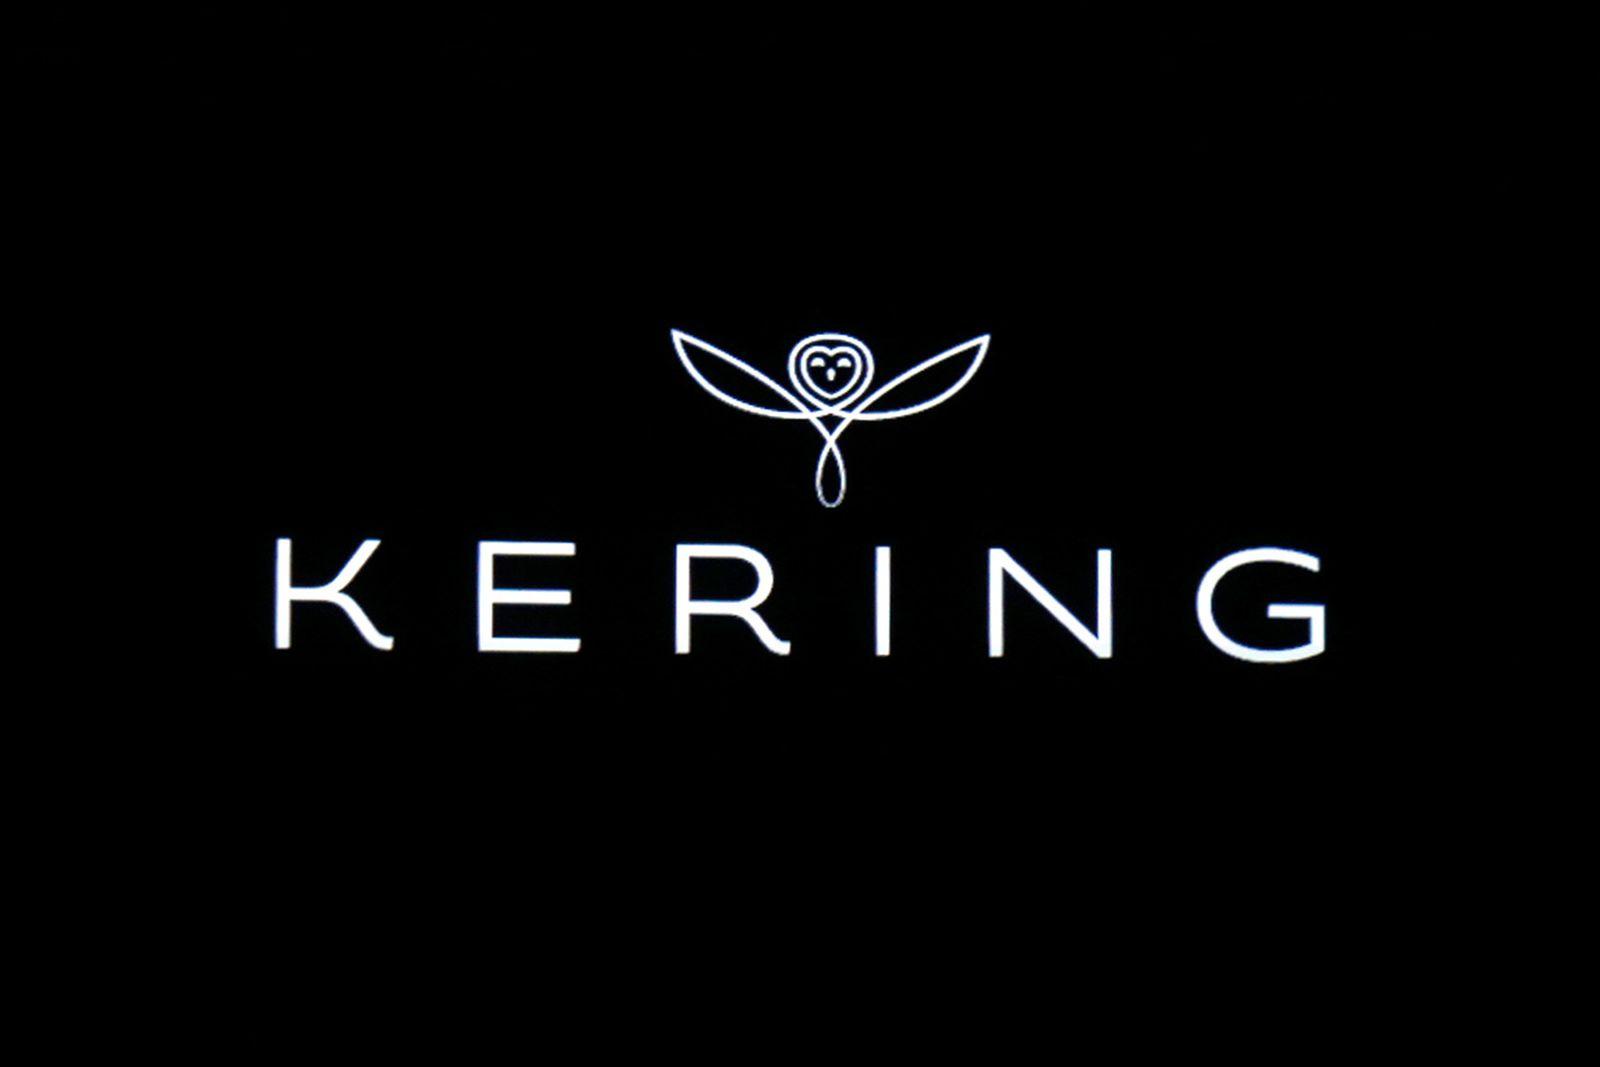 kering-main-01